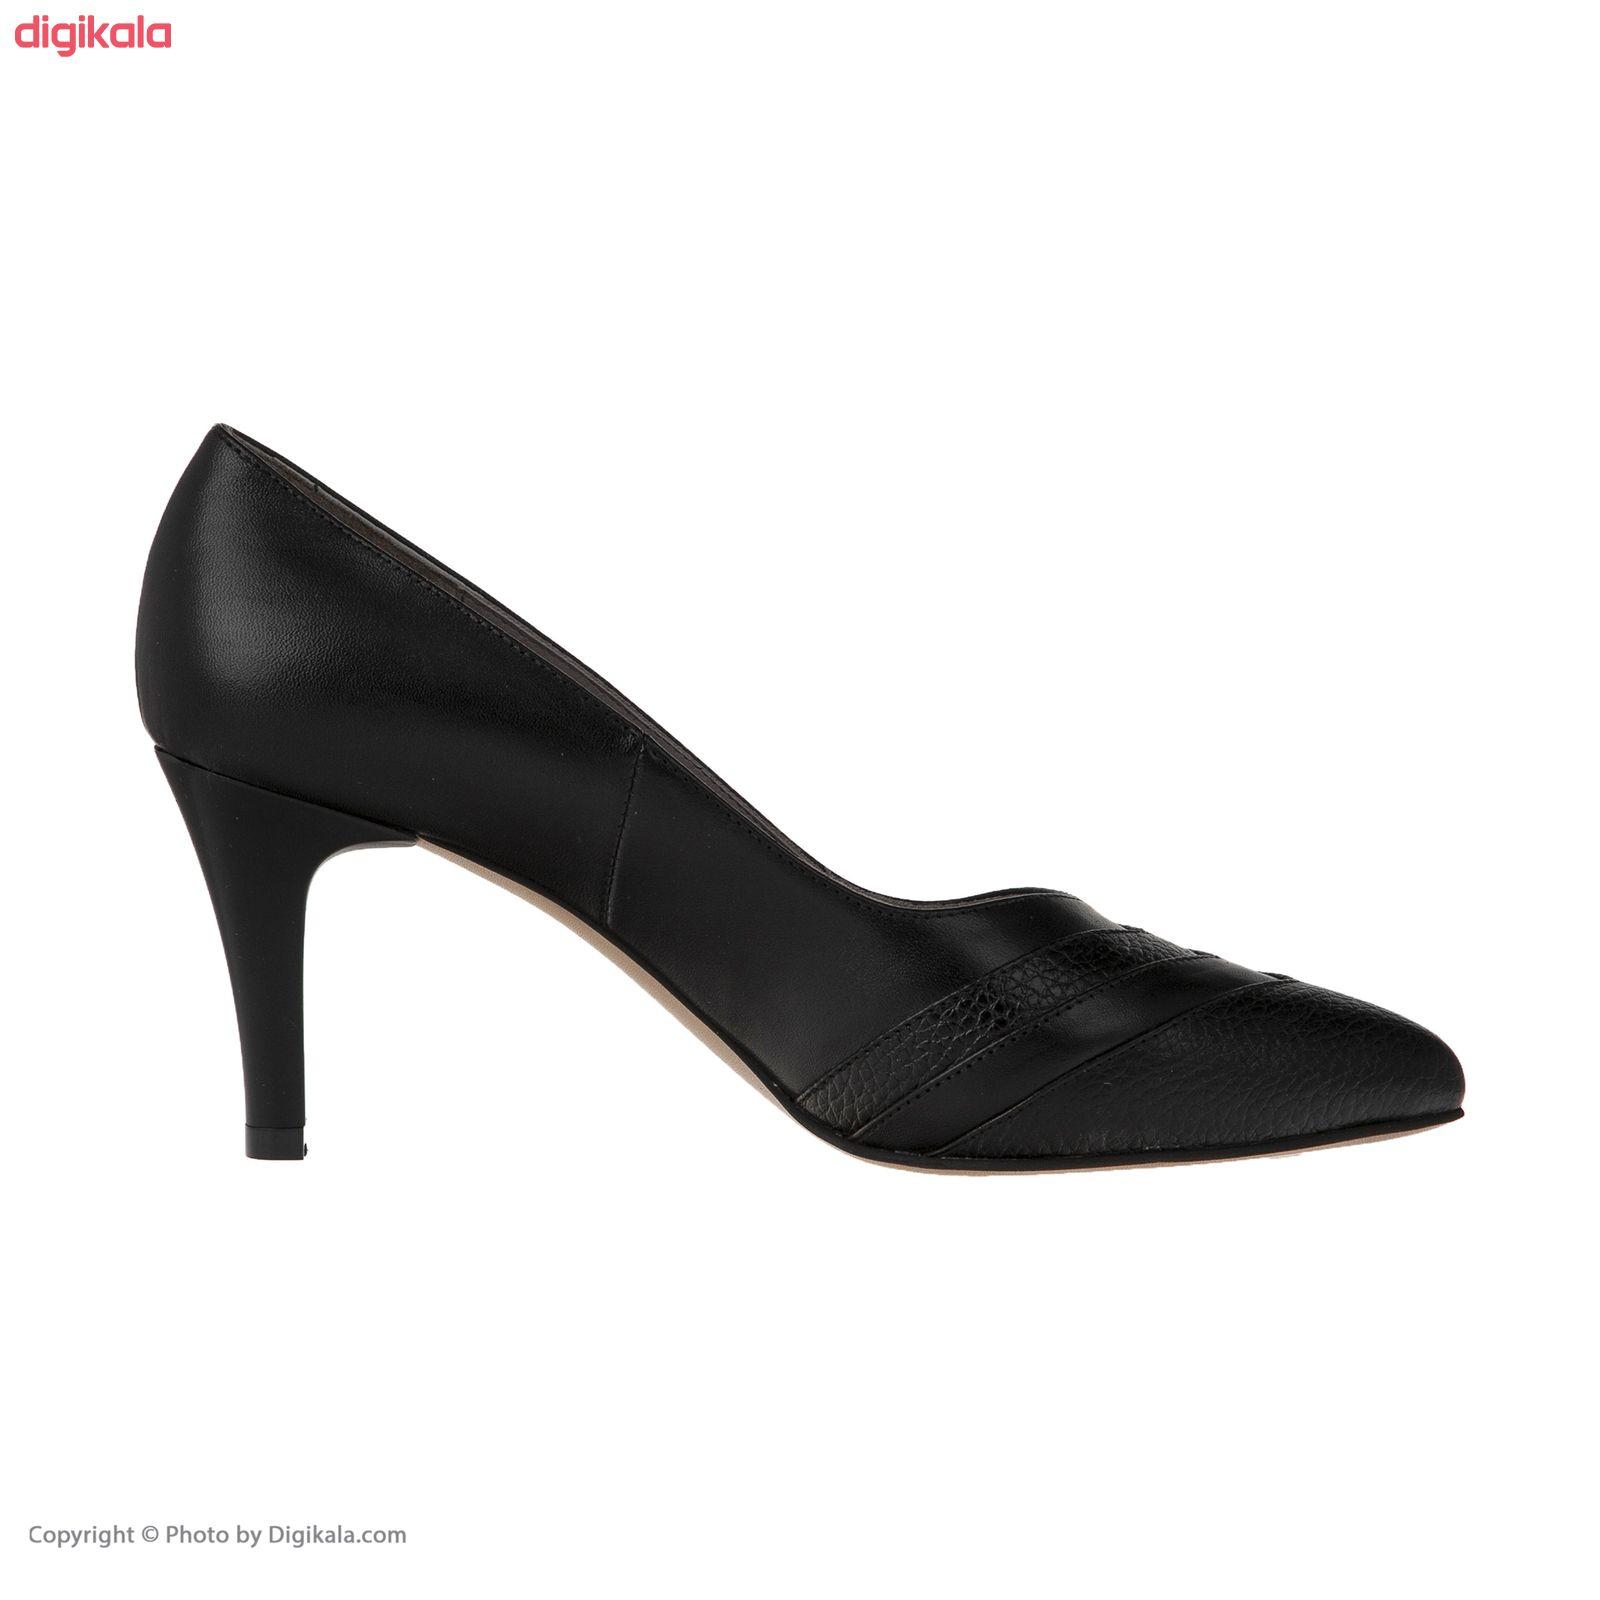 کفش زنانه چرم یاس مدل دیبالا main 1 2